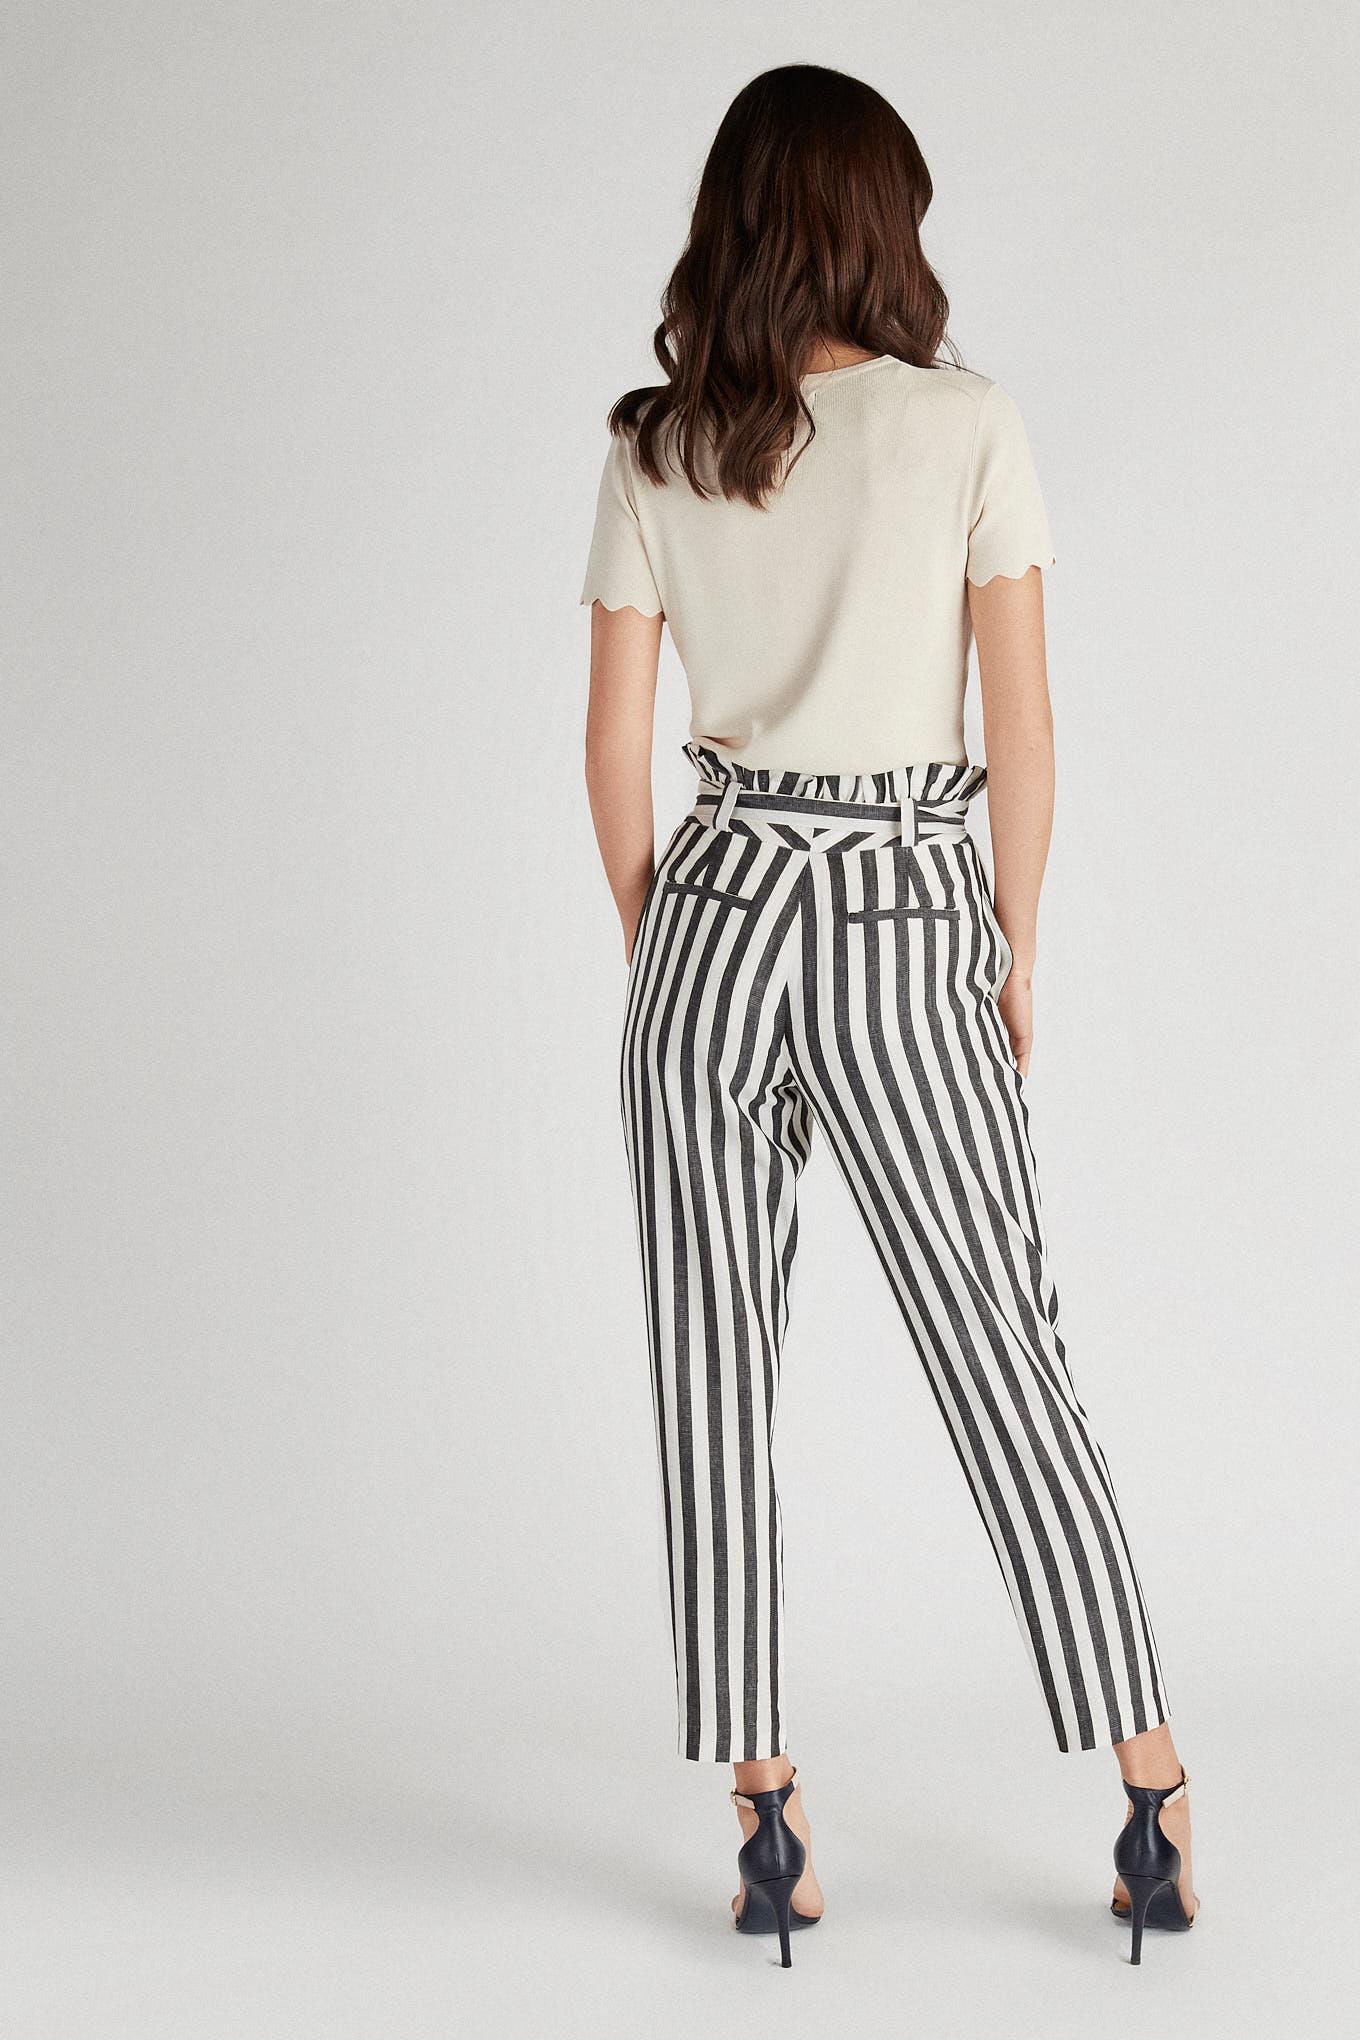 Trousers Stripes Fantasy Woman